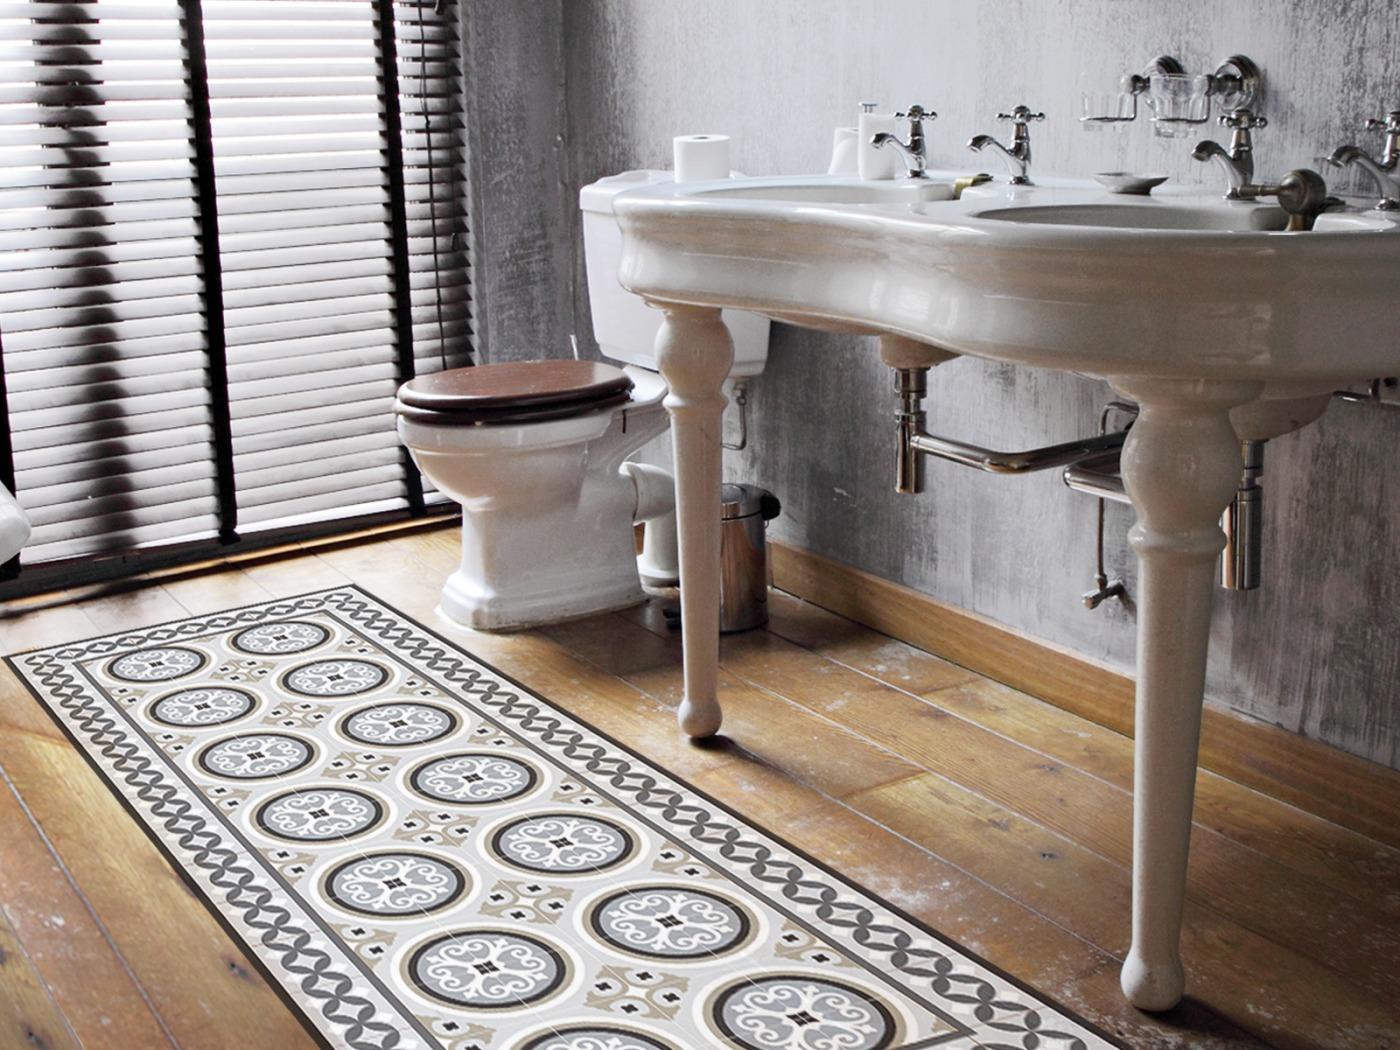 textiles-et-tapis-rosace-beige-tapis-vinyle-65x100c-18818665-tapi-rosa-grei-f67d-2a8a8_big